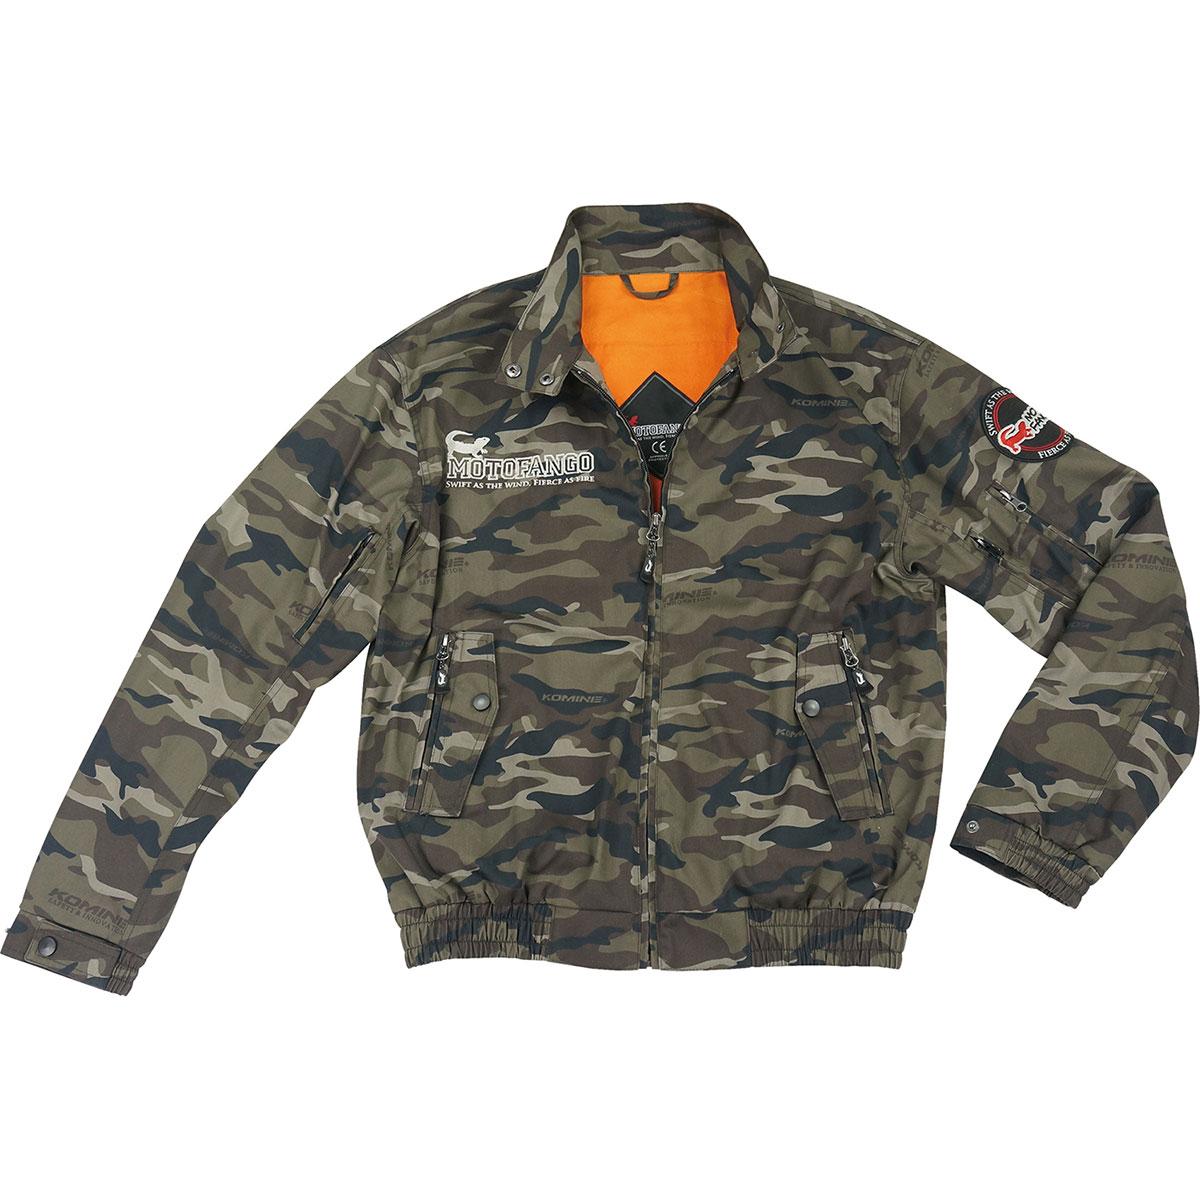 コミネ (Komine) バイク用 ジャケット Jacket JK-591 プロテクトスイングトップジャケット カモフラージュ 迷彩 3XLサイズ 07-591CA/3XL